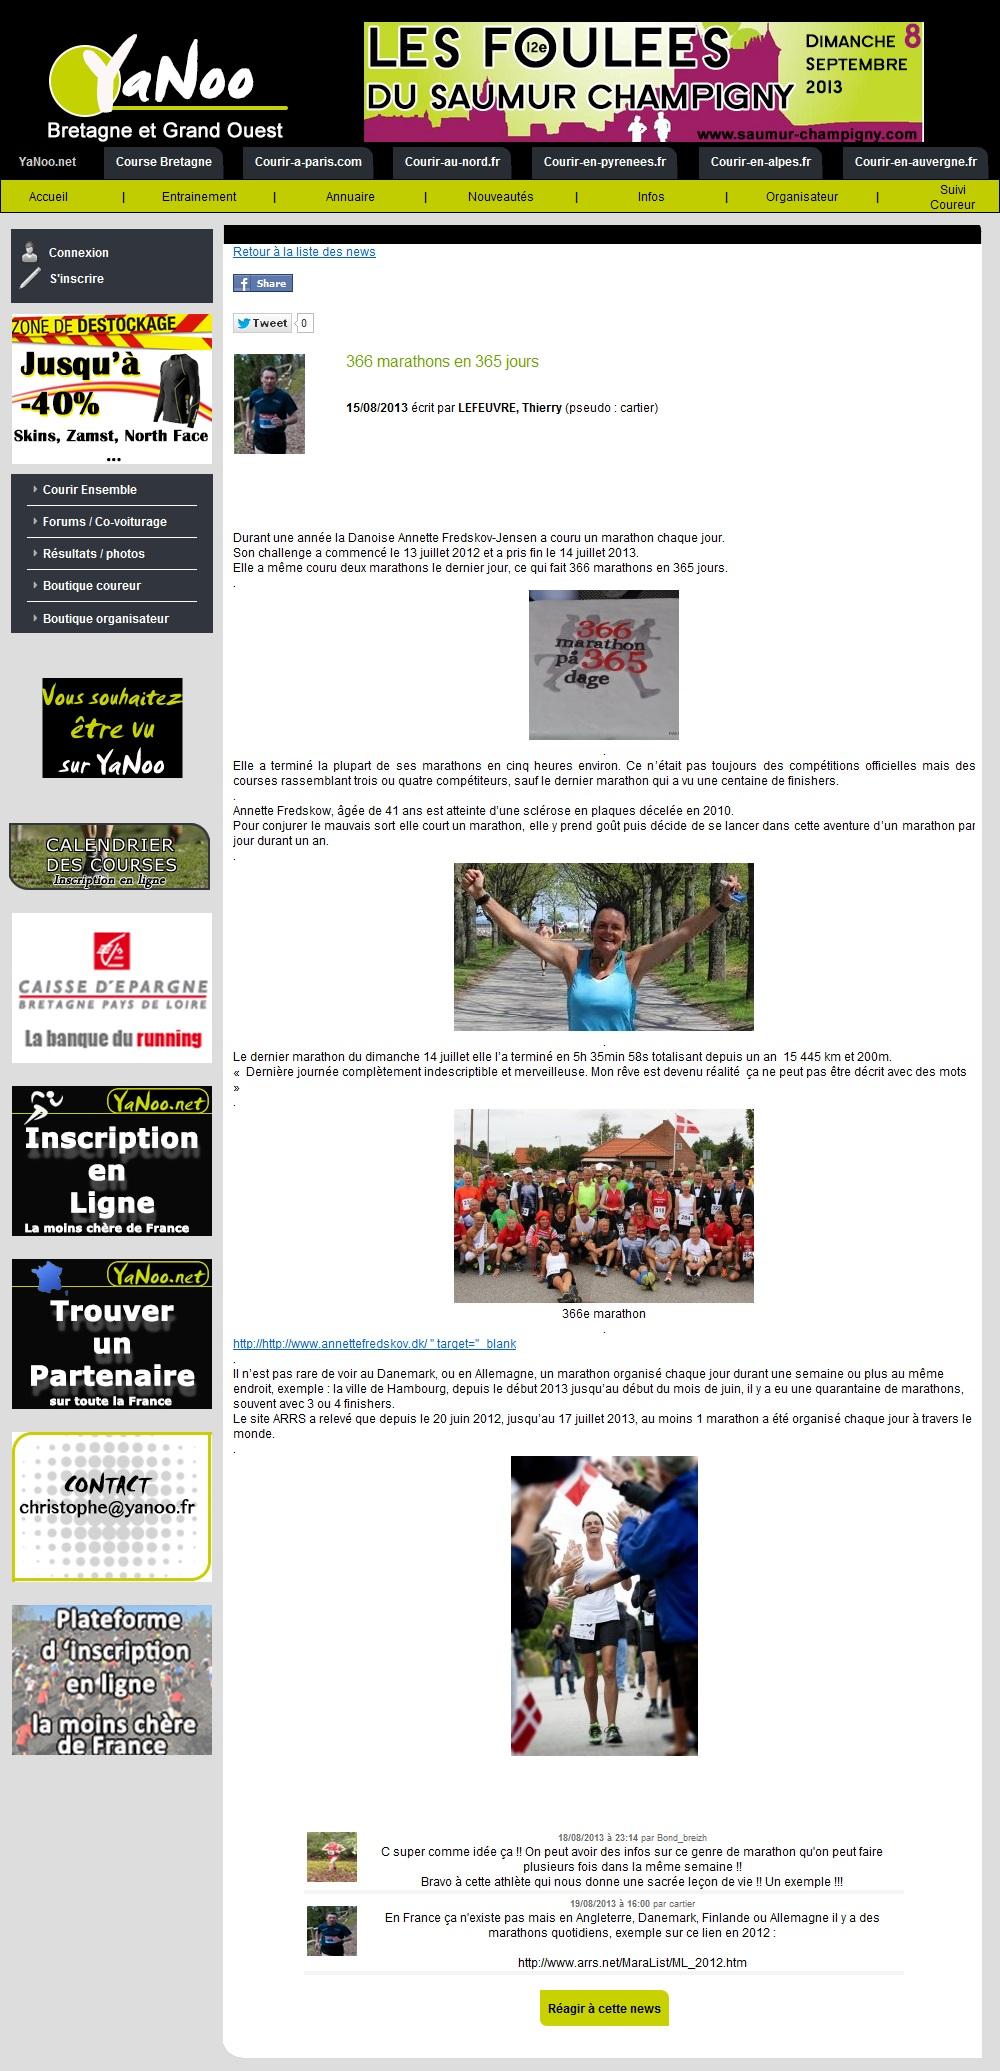 yanoo.net 2013.08.15 fransk